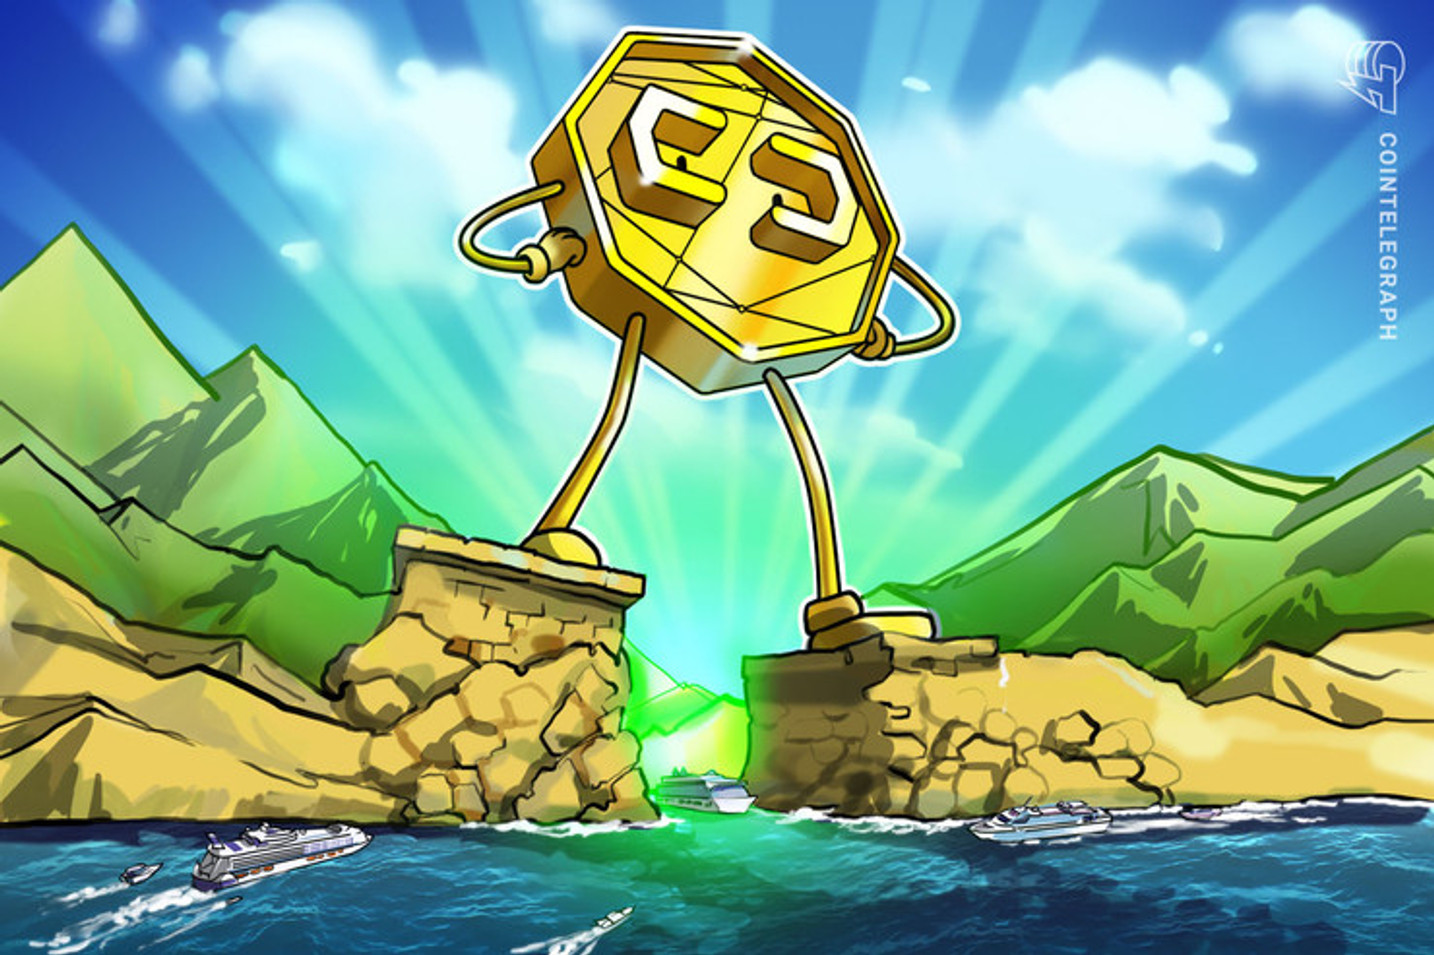 Bitcoin oscila R$ 10.000 no dia e despenca para R$ 30 mil em exchanges brasileiras com queda de 8%